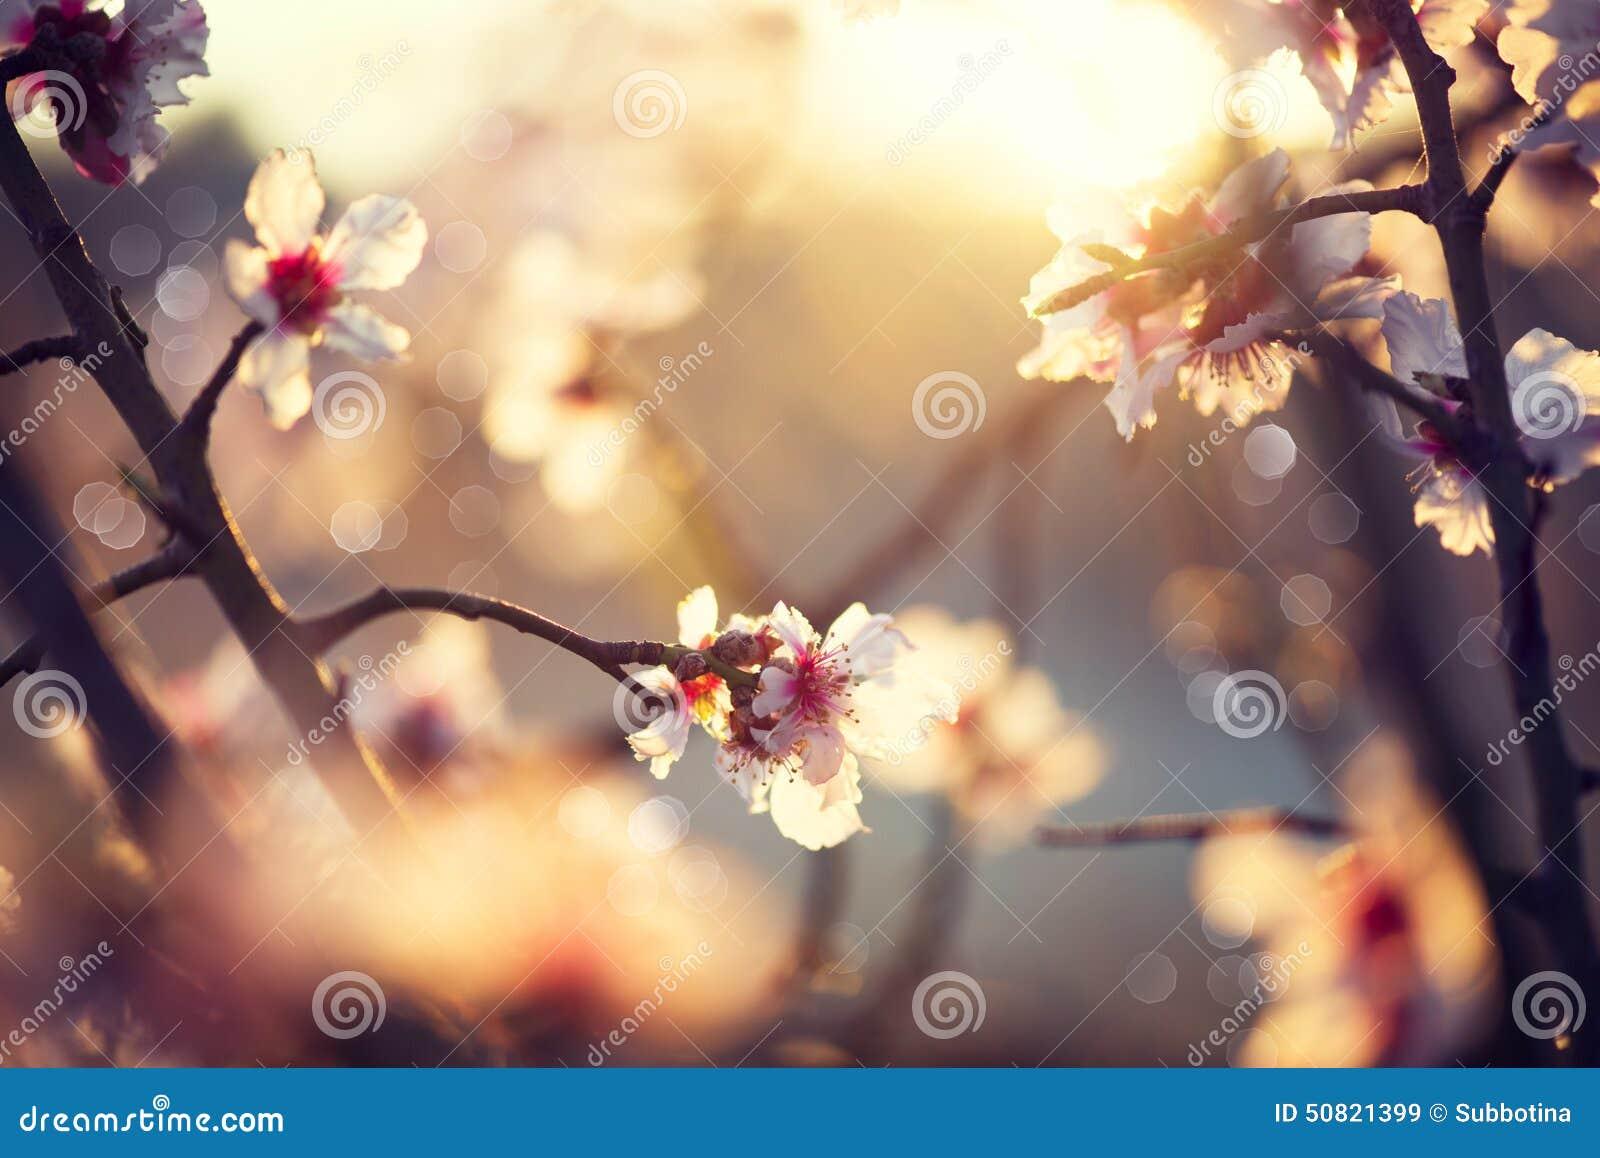 Piękna natury scena z kwitnącym drzewem